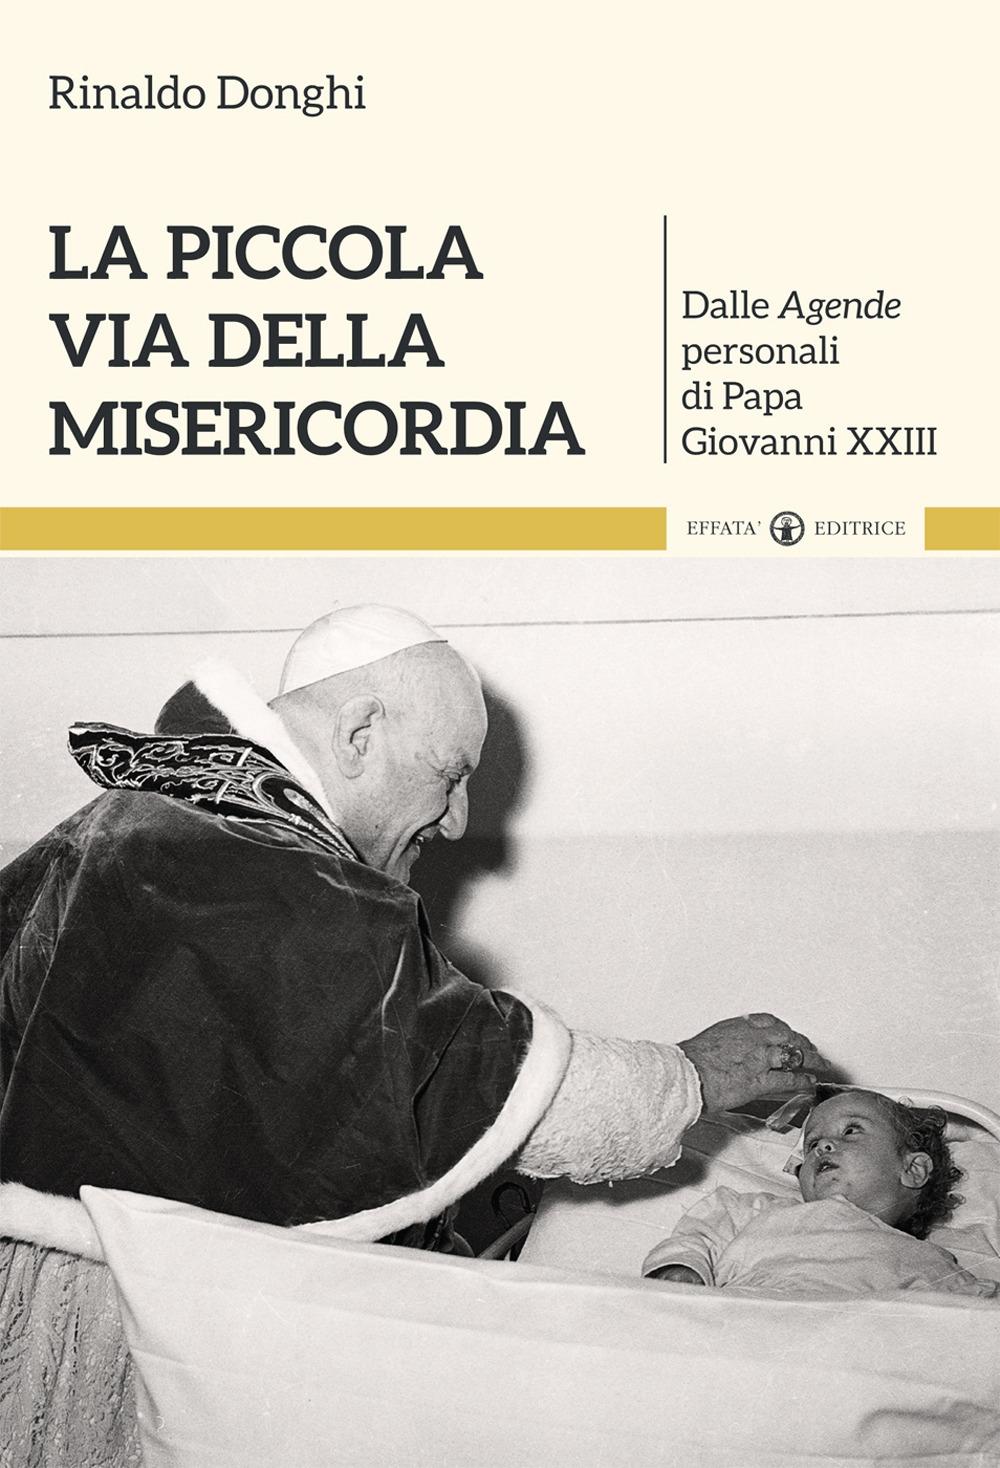 La piccola via della misericordia. Dalle Agende personali di Papa Giovanni XXIII